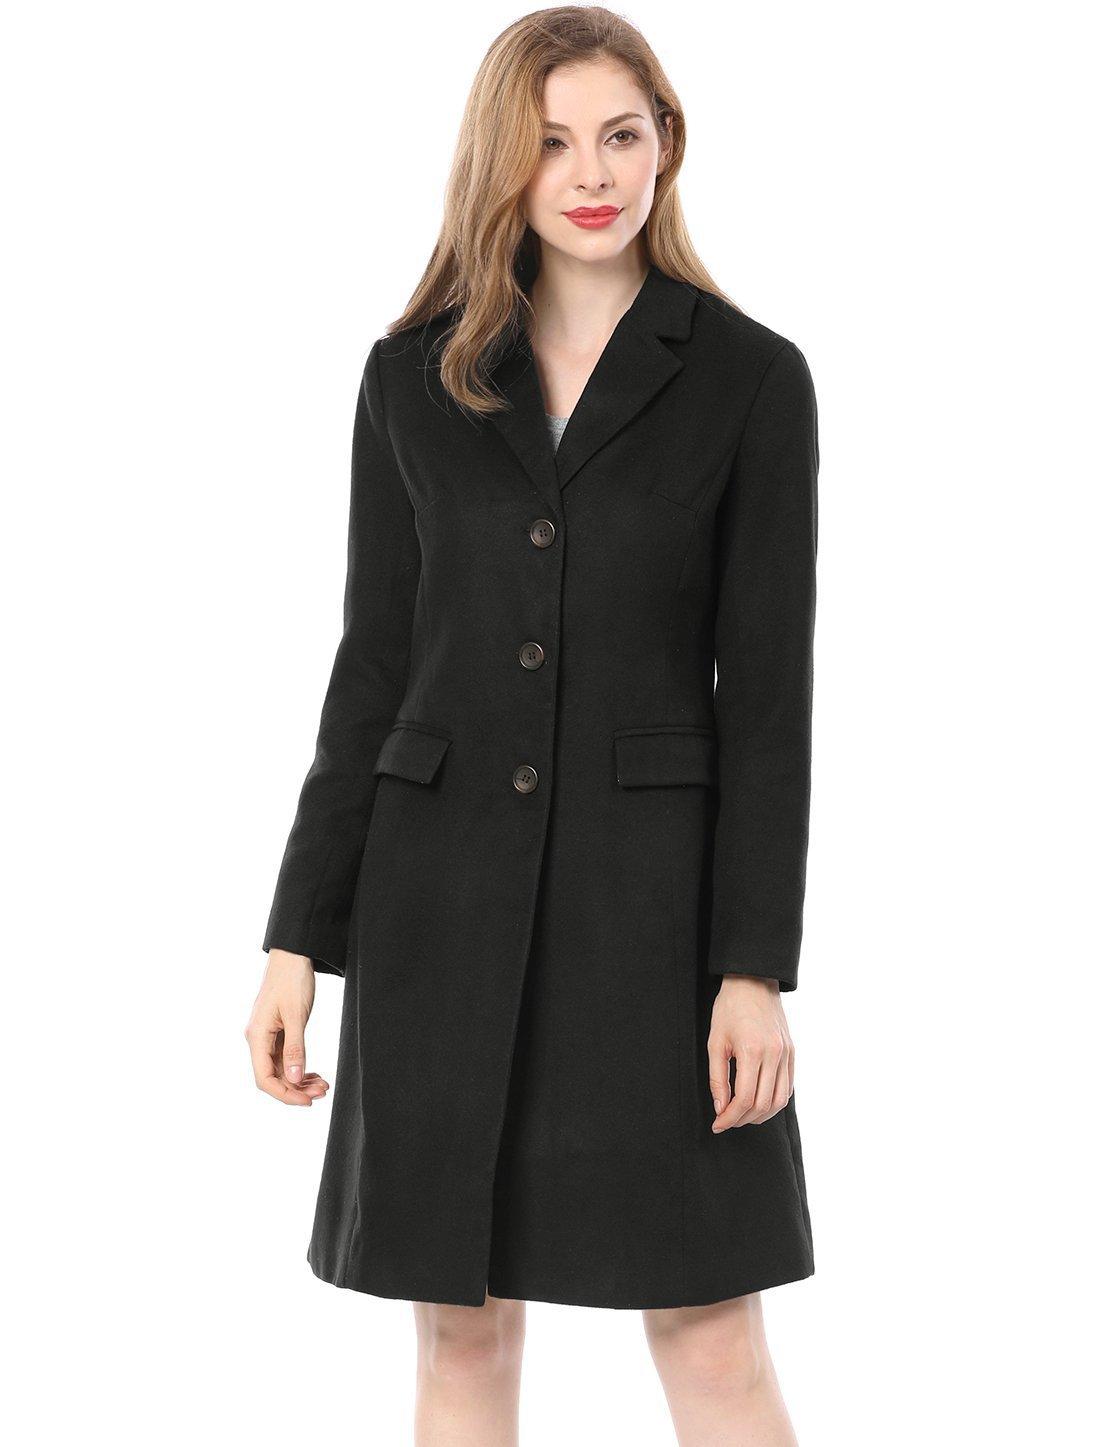 Allegra K Women's Notched Lapel Button Closure Long Coat XL Black